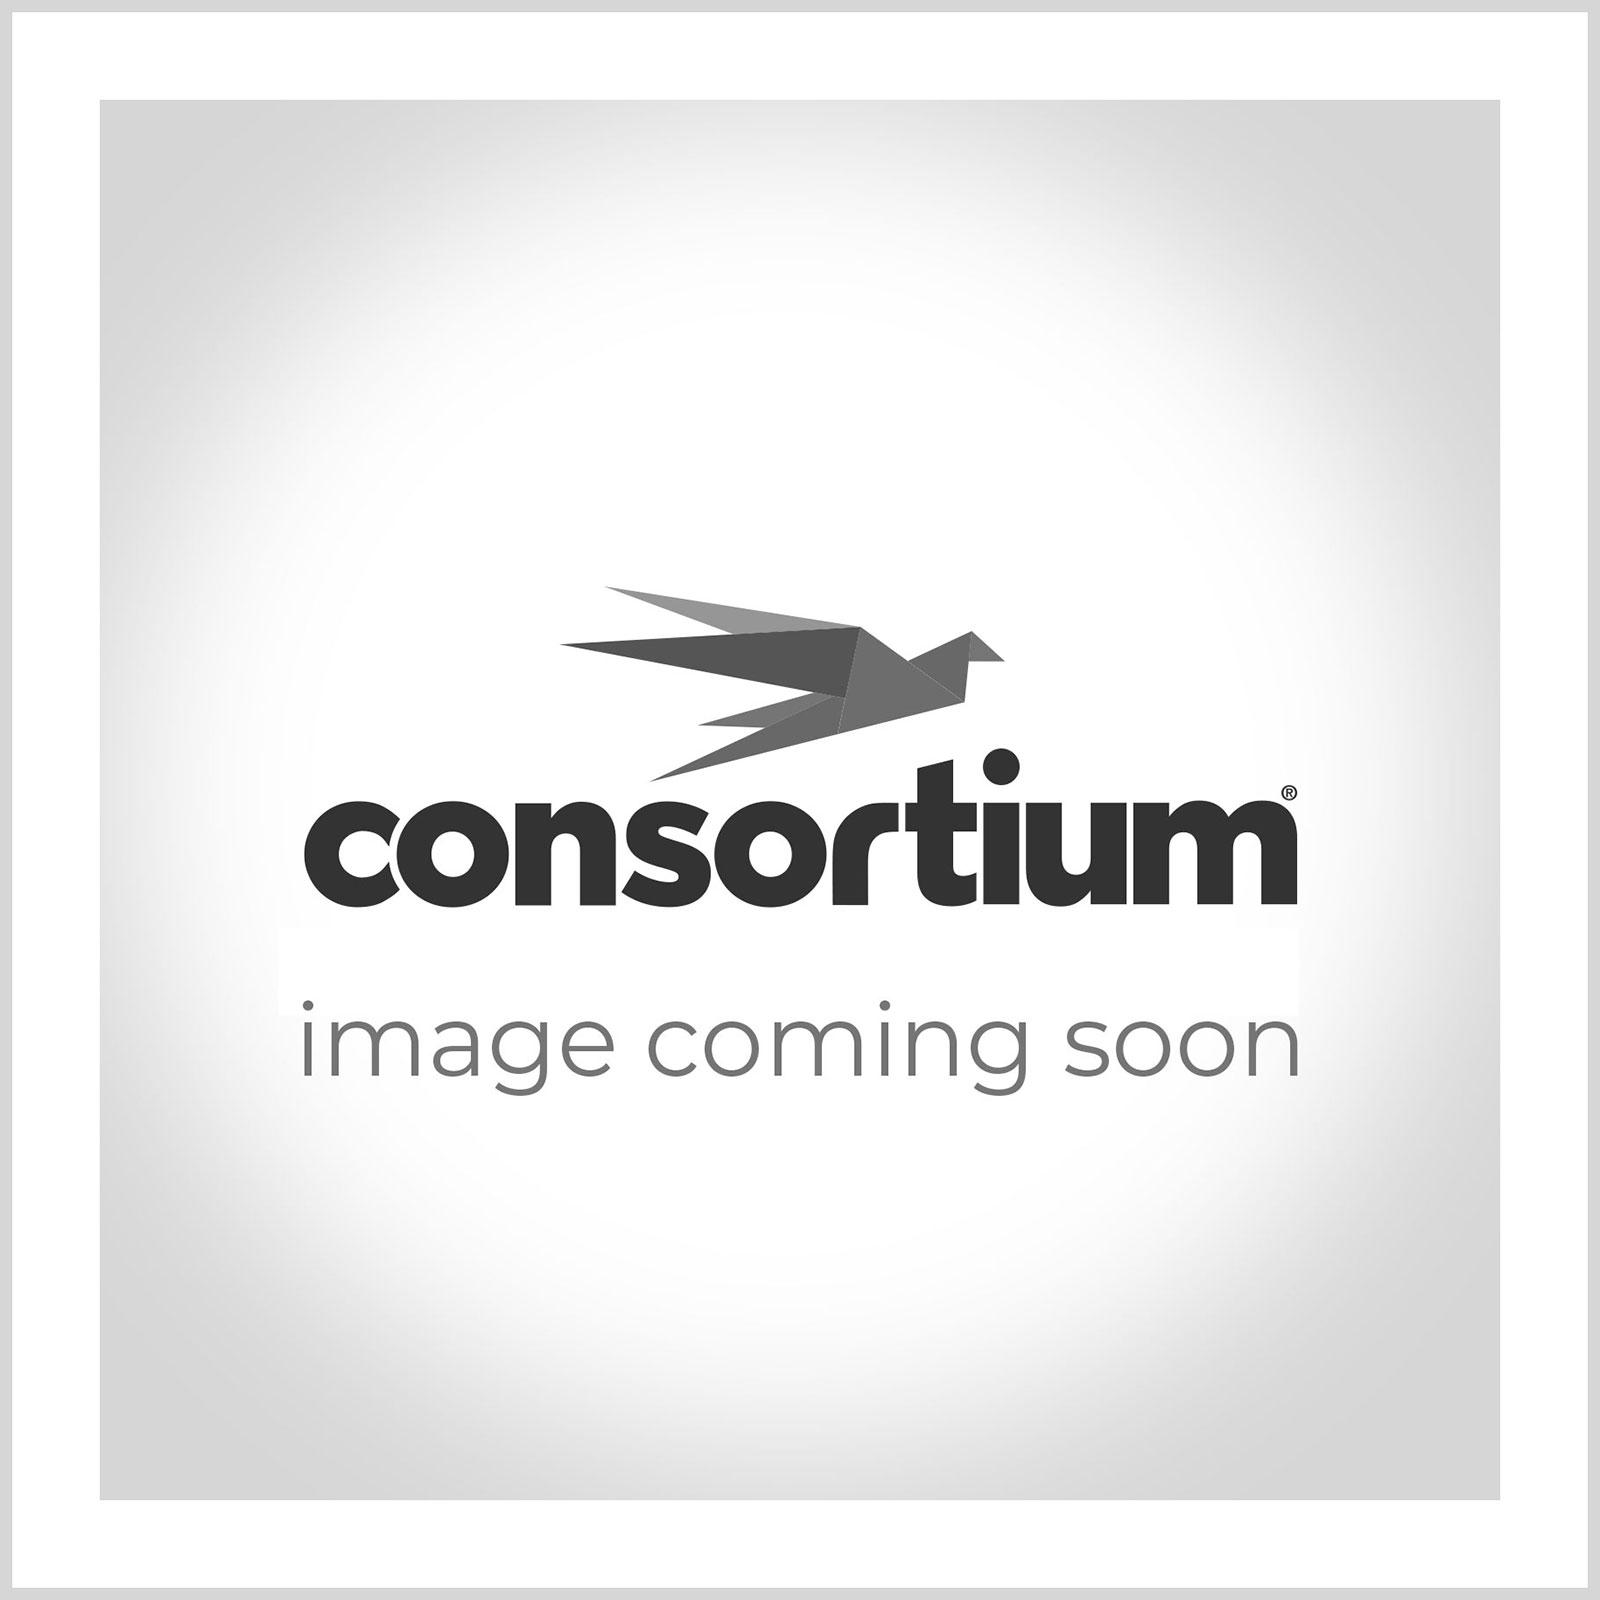 BIG DEAL Mini Library Zone